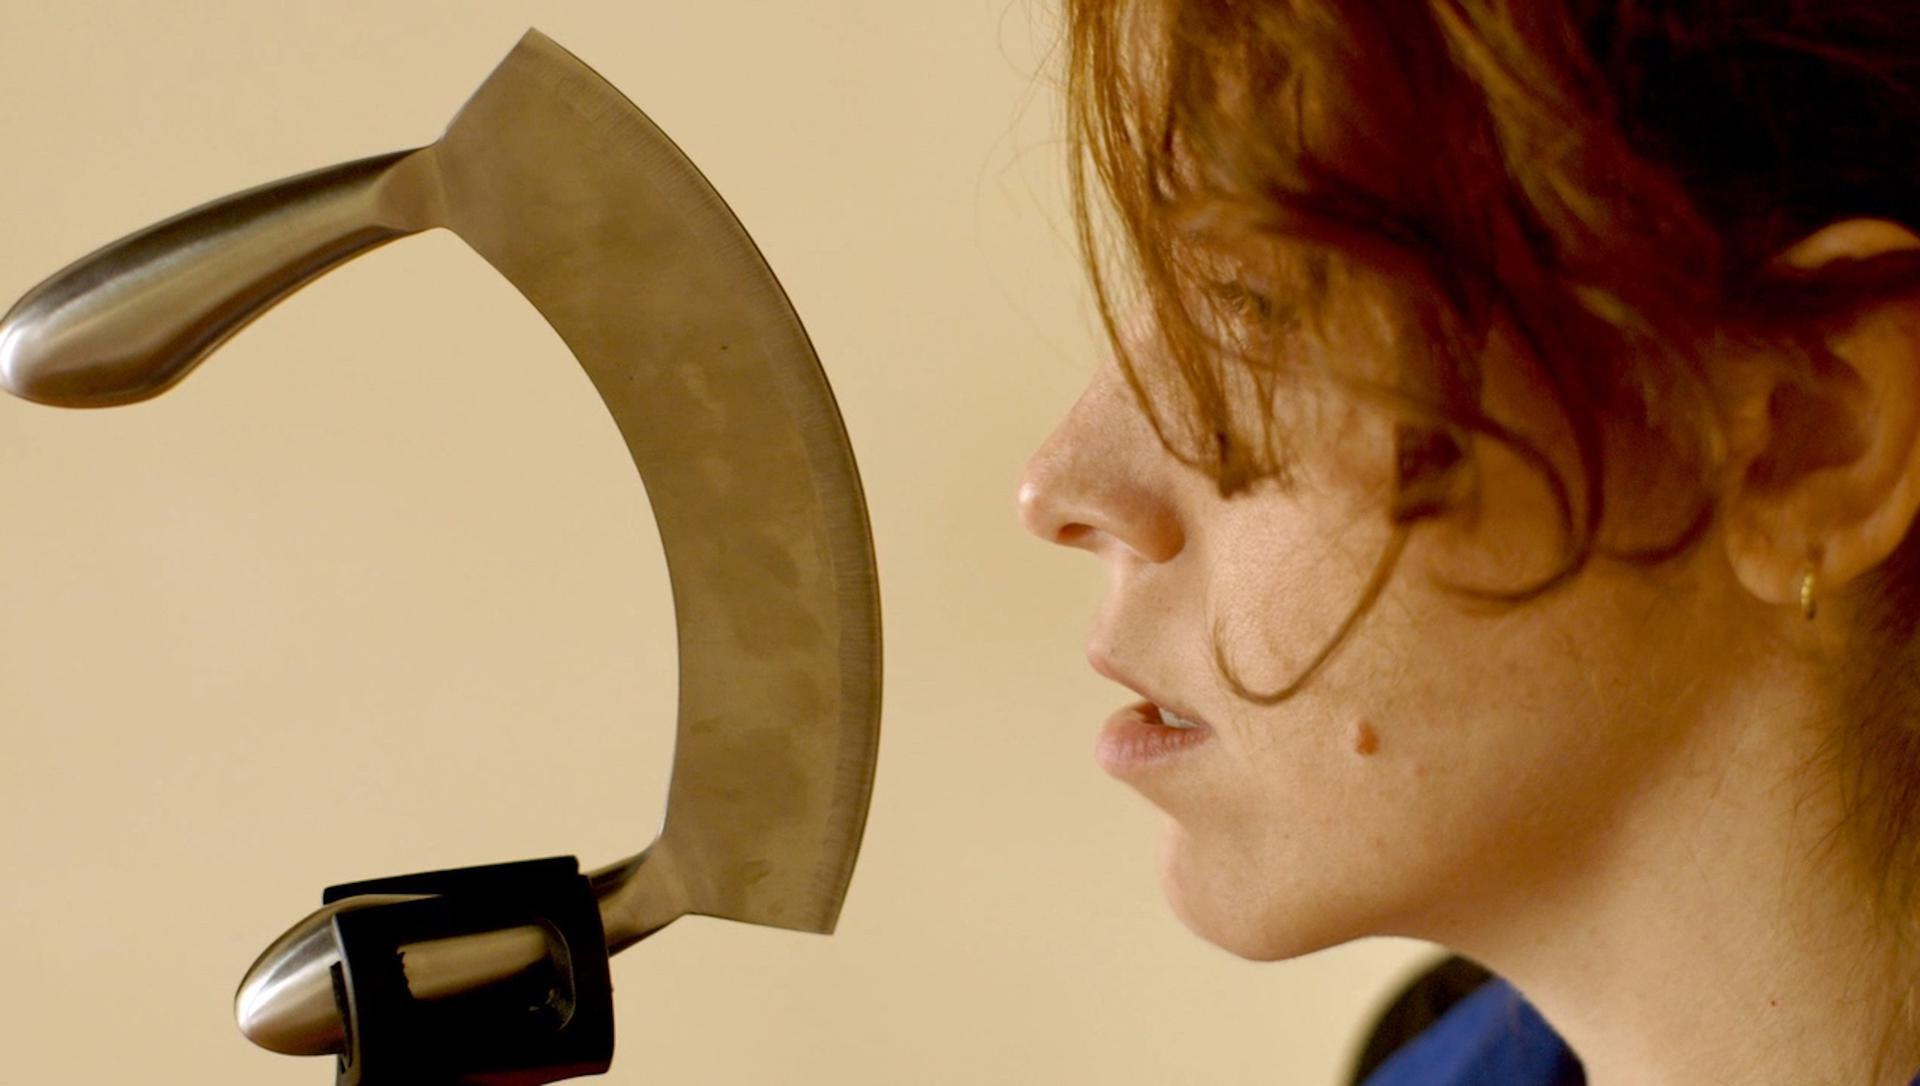 MASCARILLA 19 – Codes of Domestic Violence